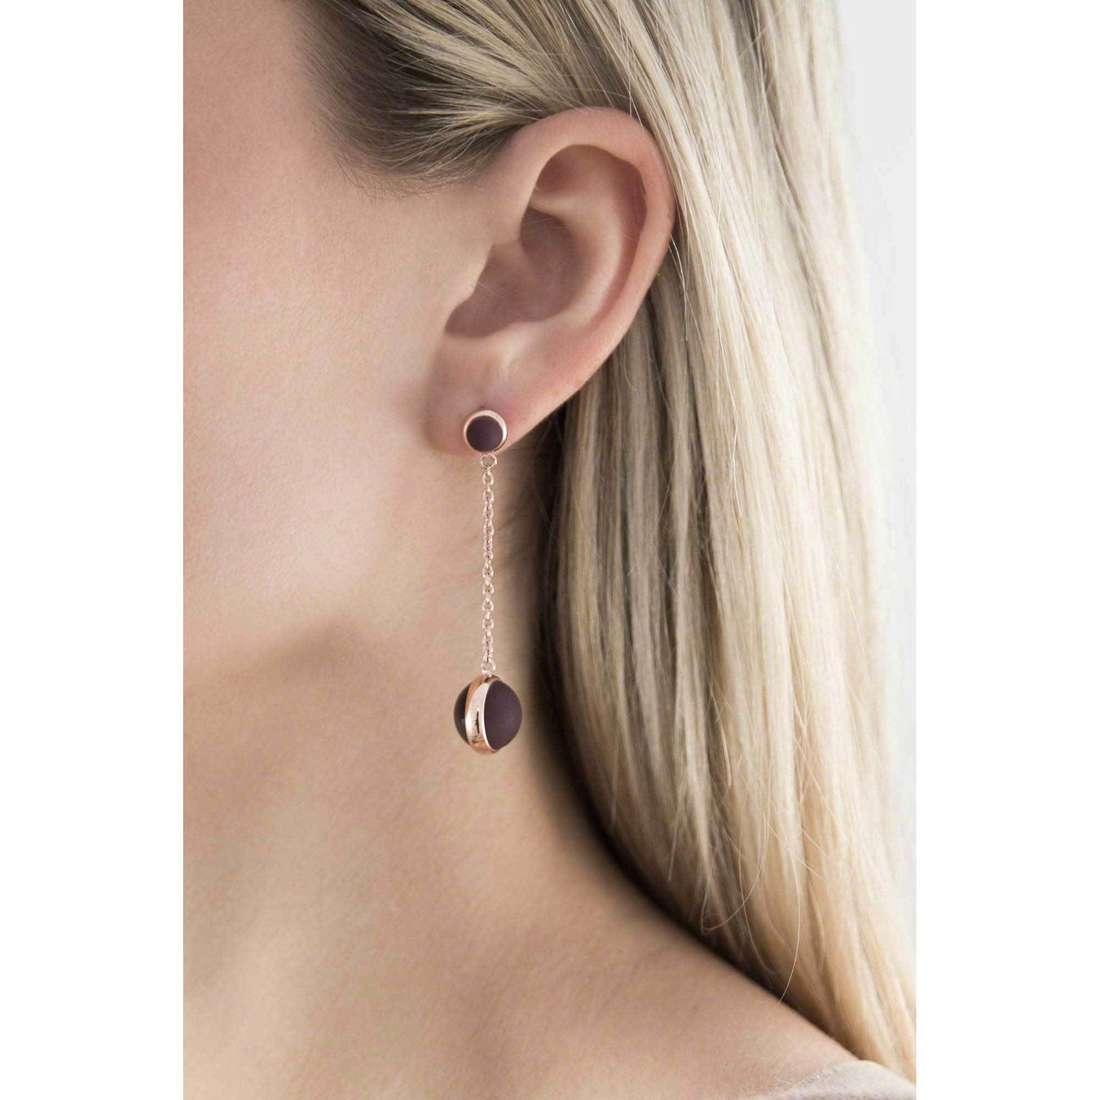 Breil boucles d'oreille Glassy femme TJ1740 indosso